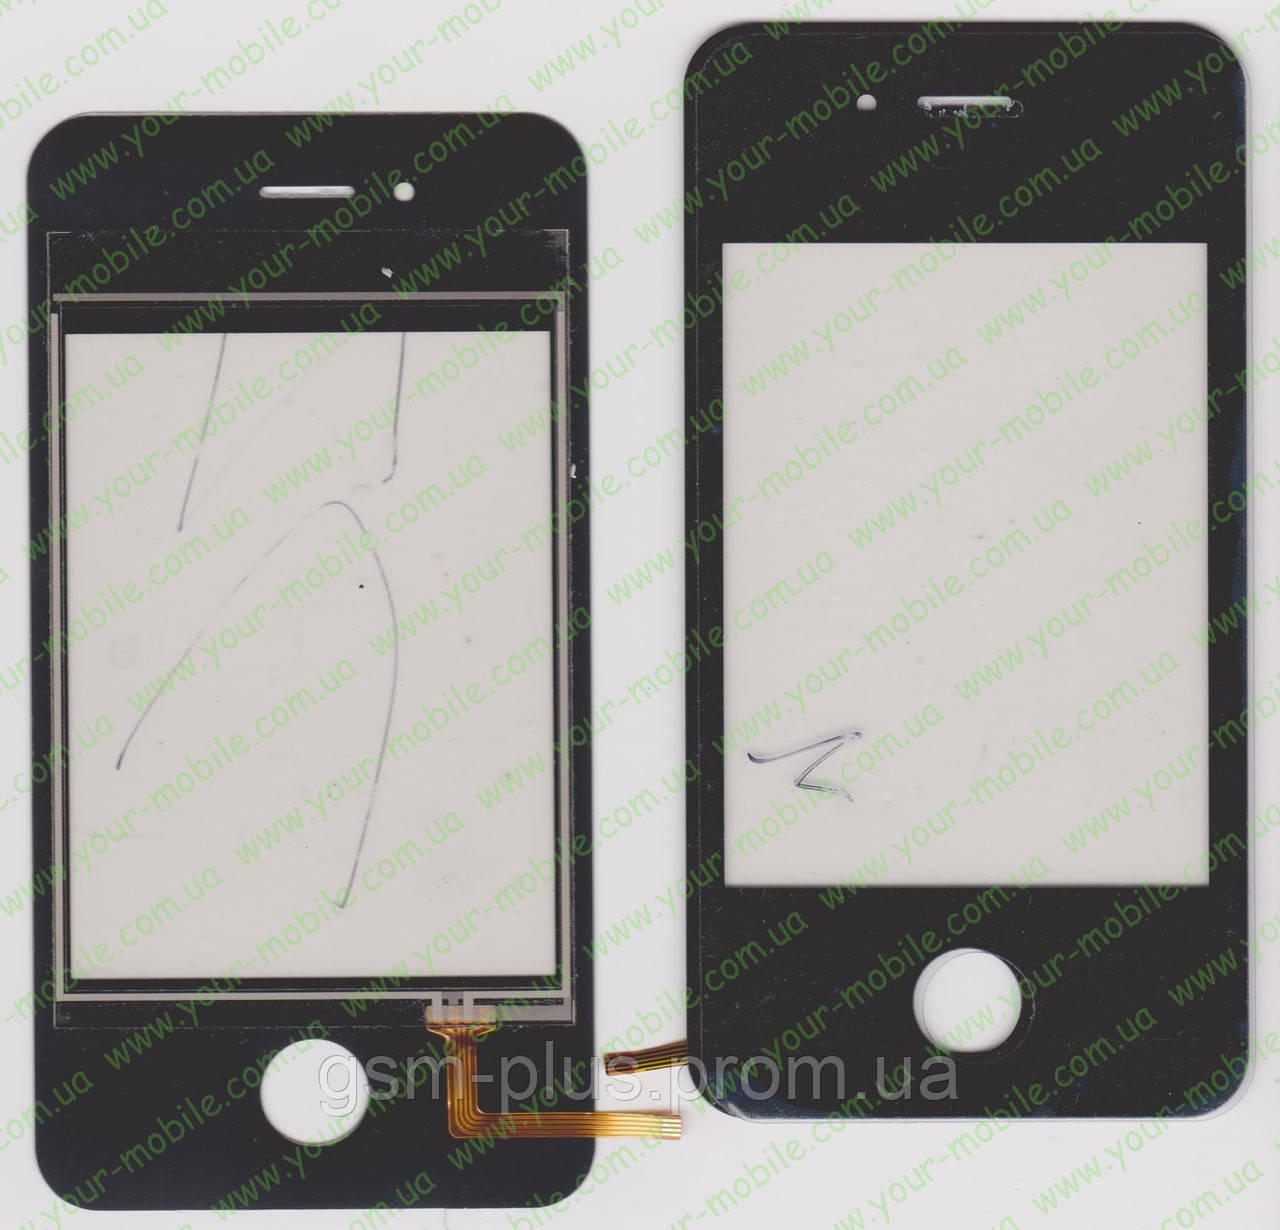 Тачскрин China iPhone 4G (1143)